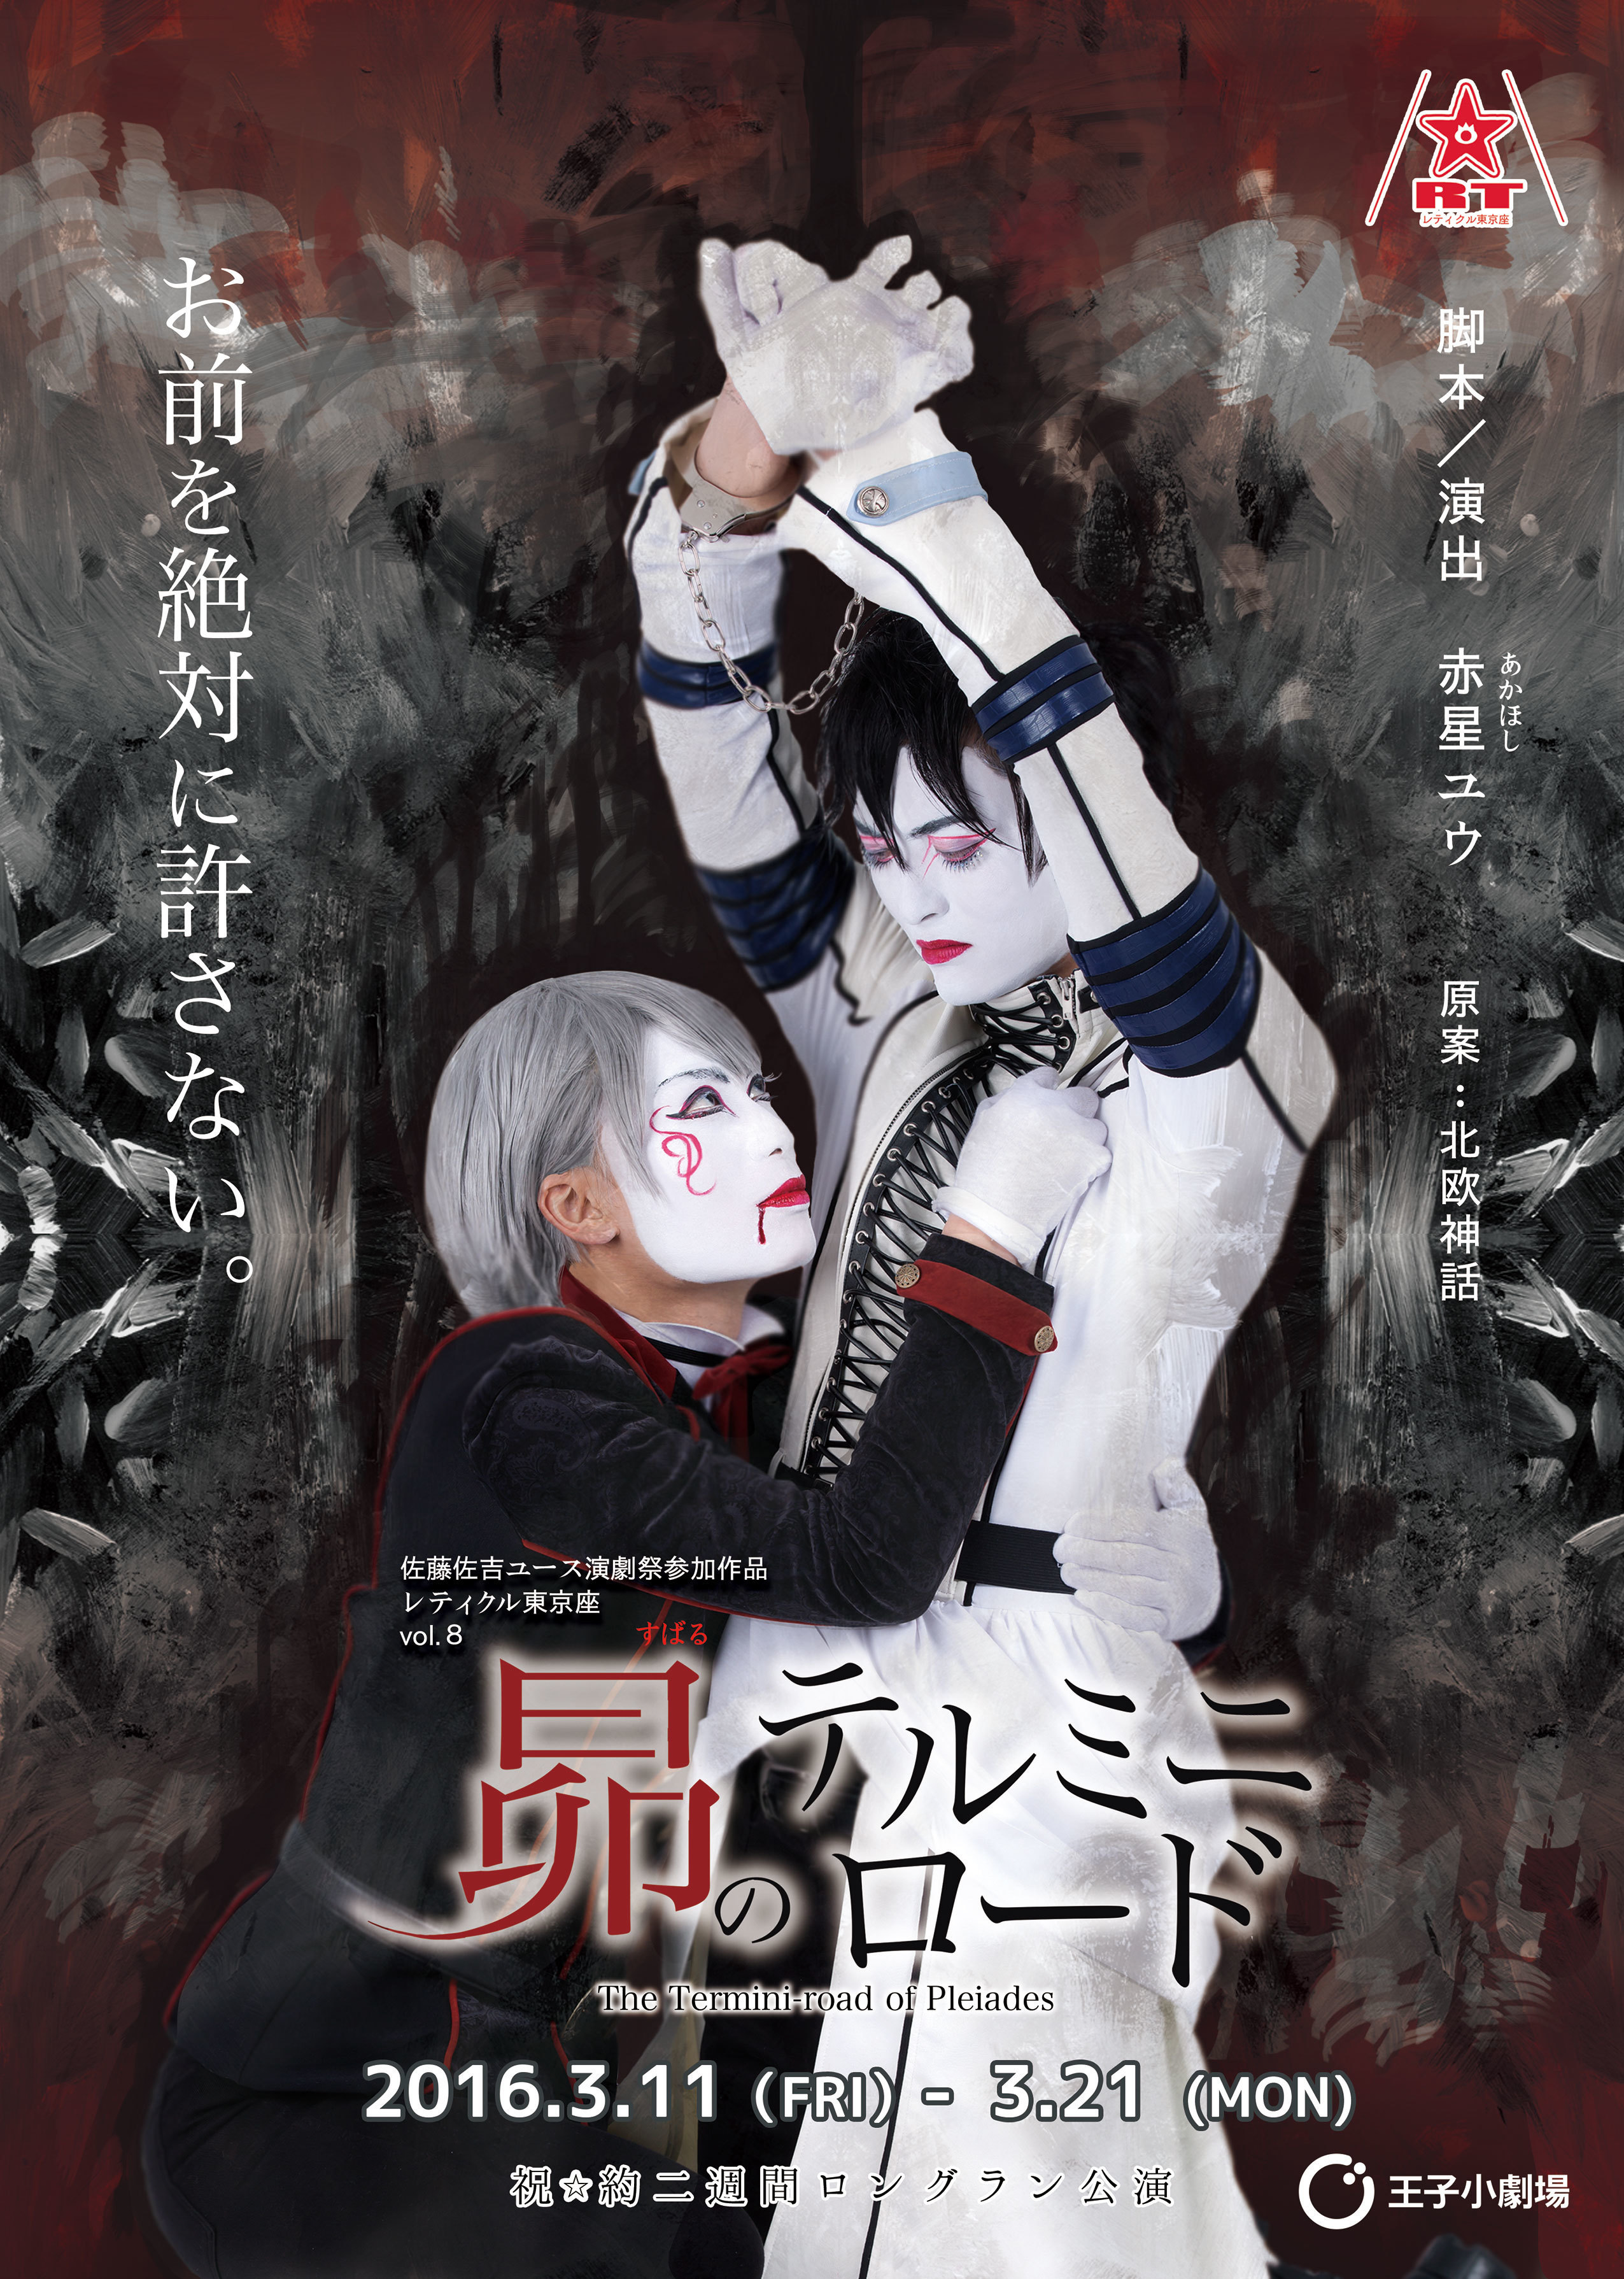 レティクル東京座『昴のテルミニロード』チラシ画像 提供:レティクル東京座